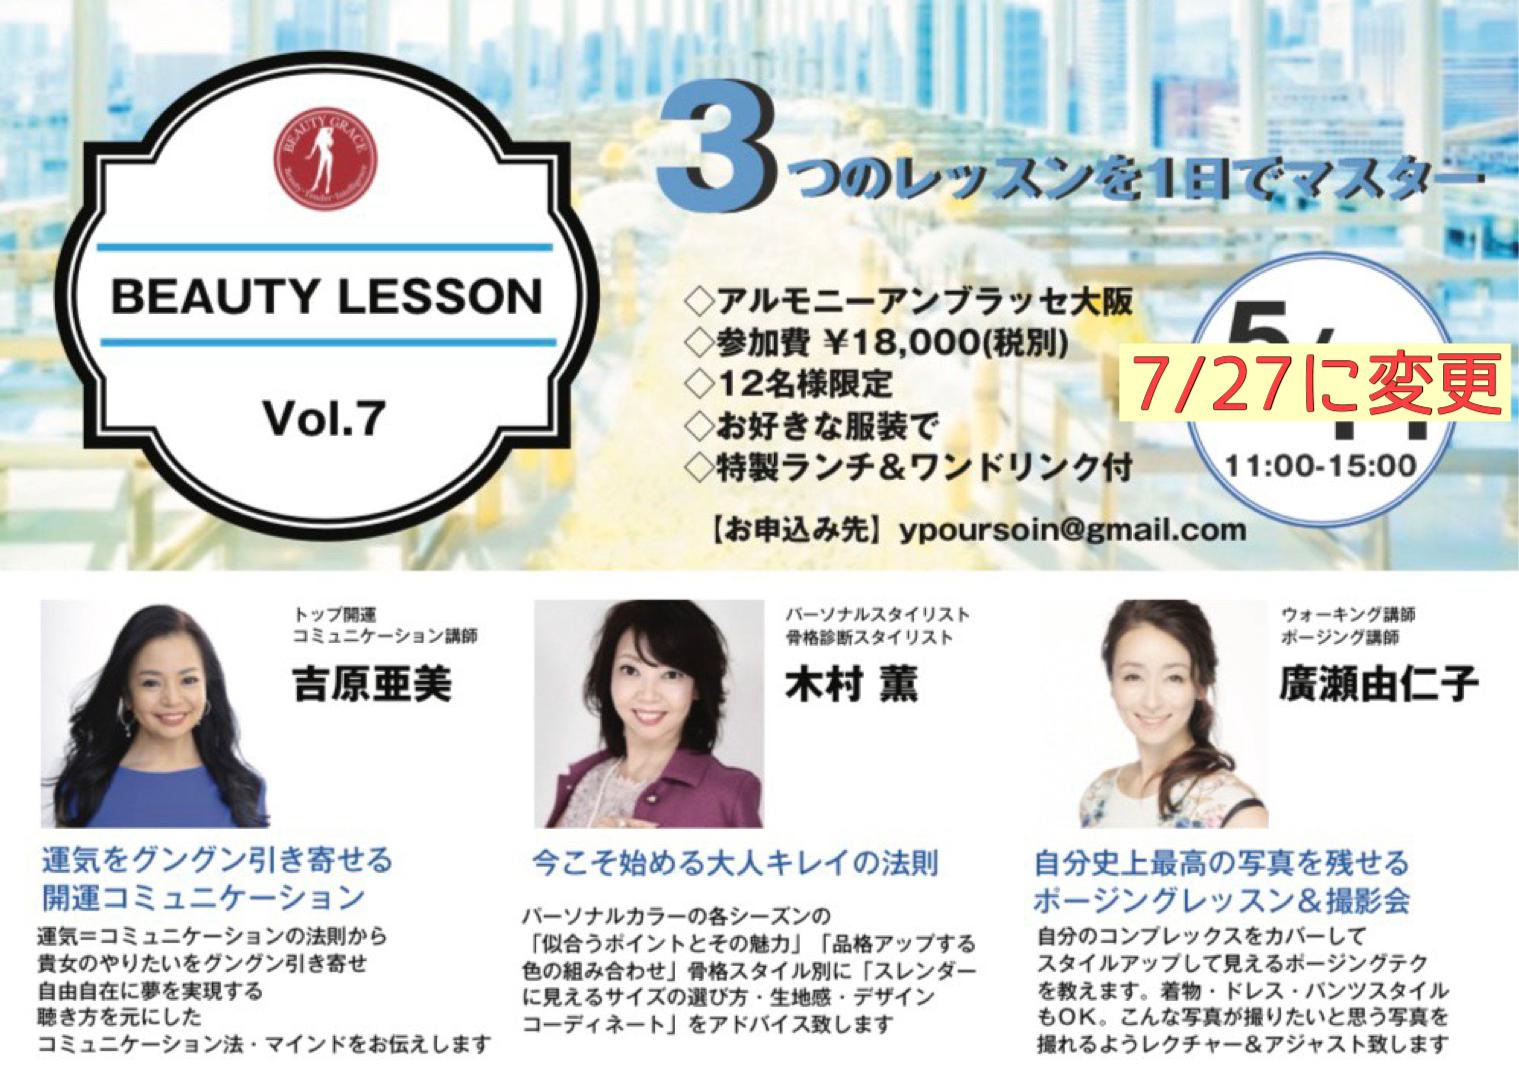 【大阪開催】BEAUTY LESSON /講師 吉原亜美・廣瀬由仁子